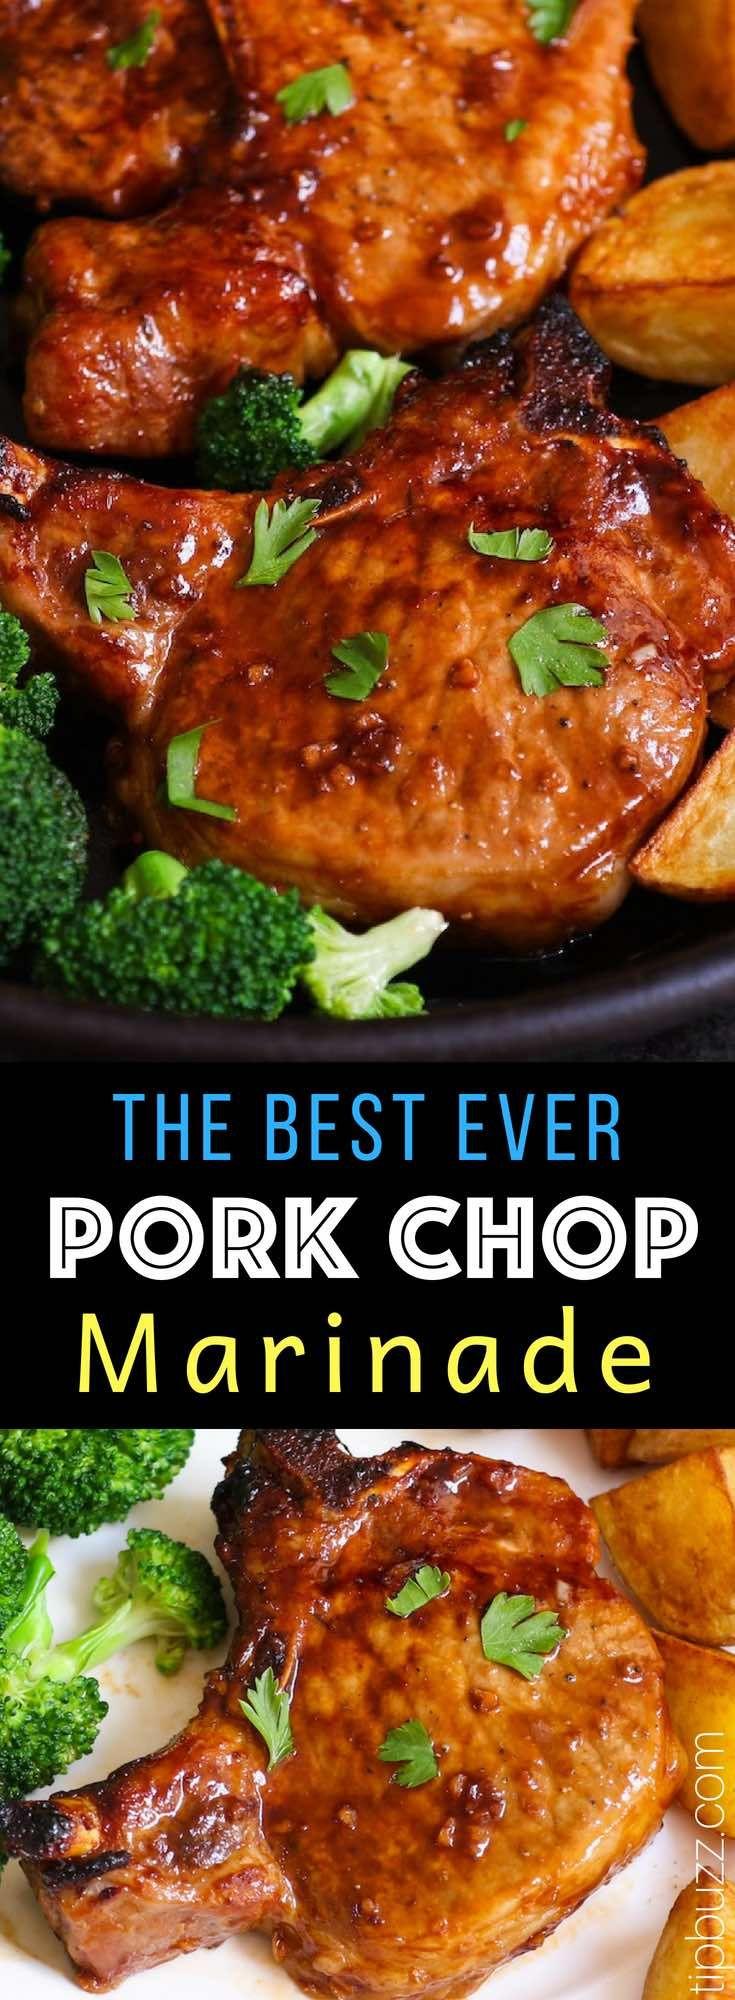 BEST EVER Pork Chop Marinade {So Tender and Juicy!}